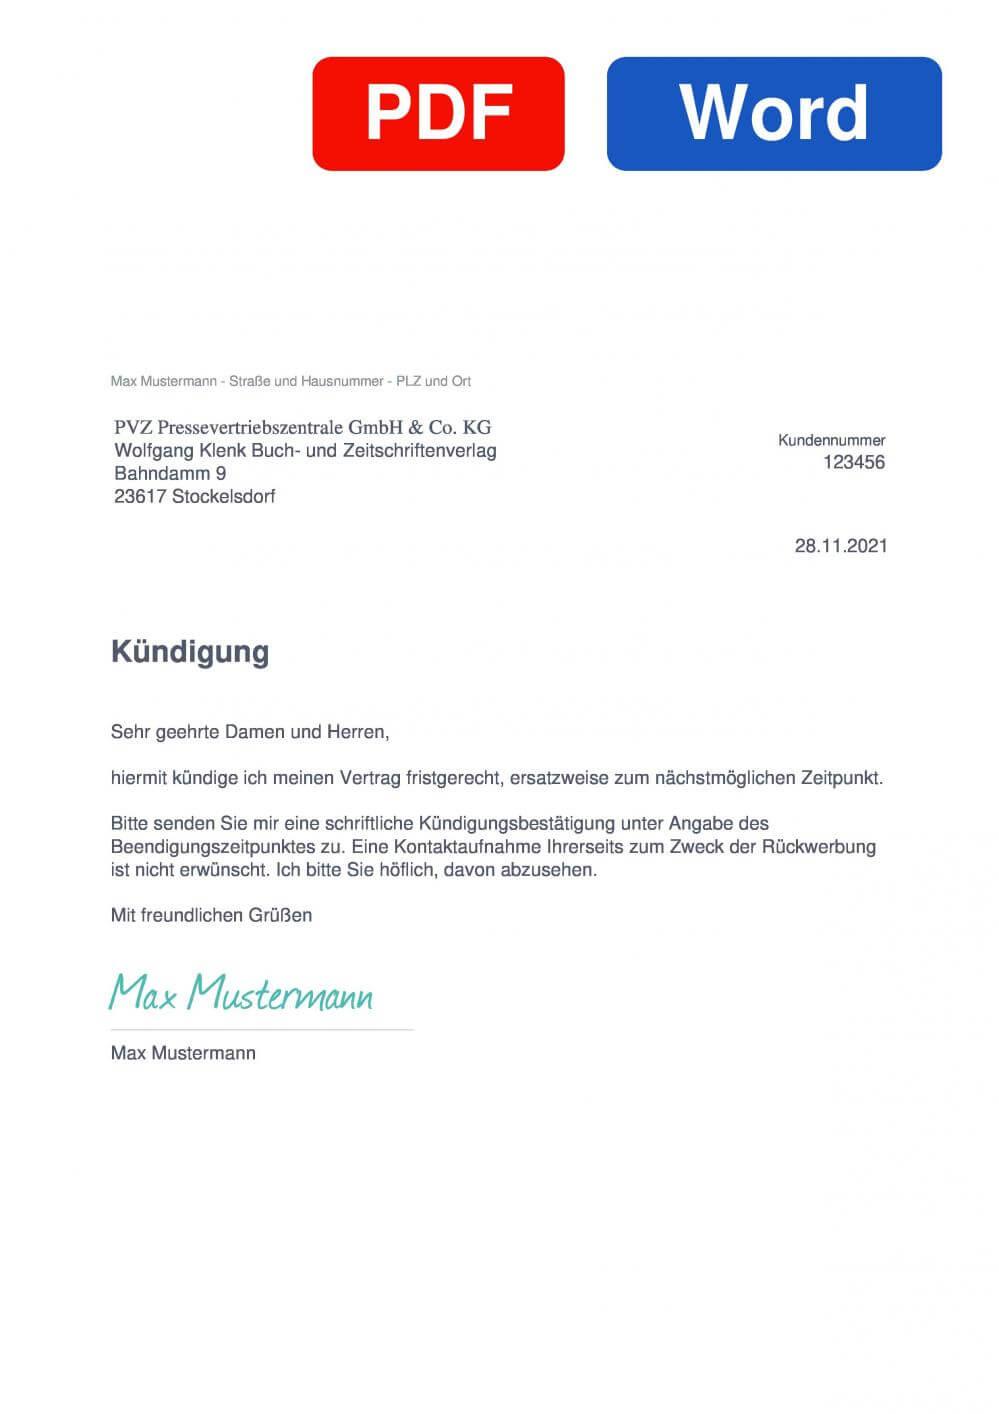 Wolfgang Klenk Abonnentenverwaltung Muster Vorlage für Kündigungsschreiben